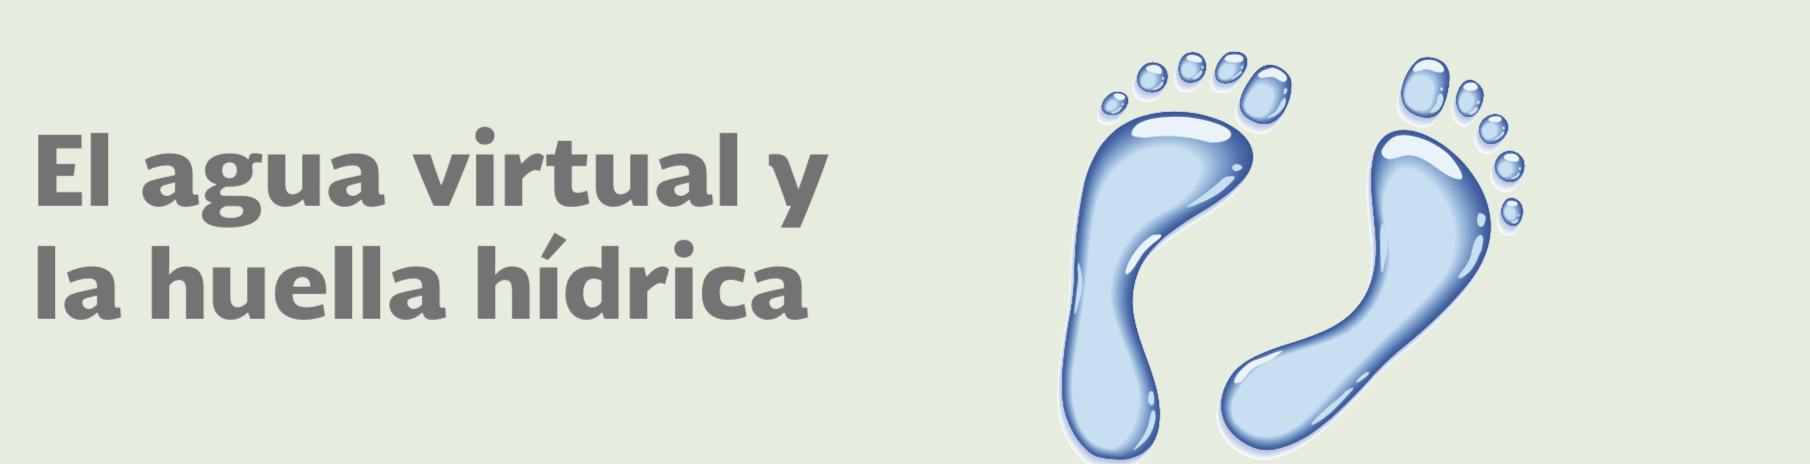 El agua virtual y la huella hídrica